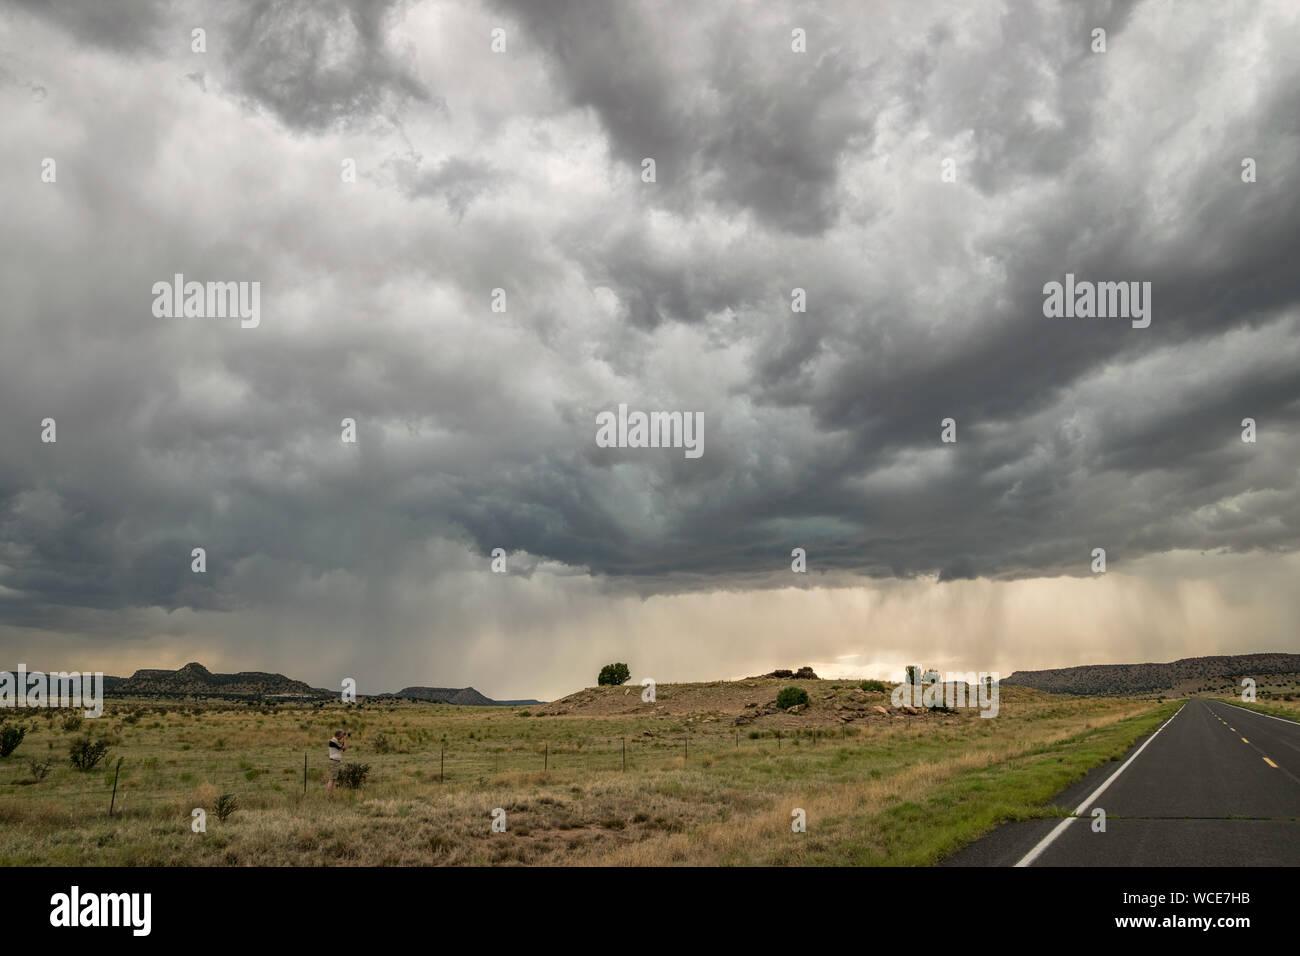 Espectacular cielo de tormenta en el extremo noreste de Nuevo México. Bellas nubes de tormenta sobre terrenos donde las altas planicies se convierte en un paisaje montañoso. Foto de stock